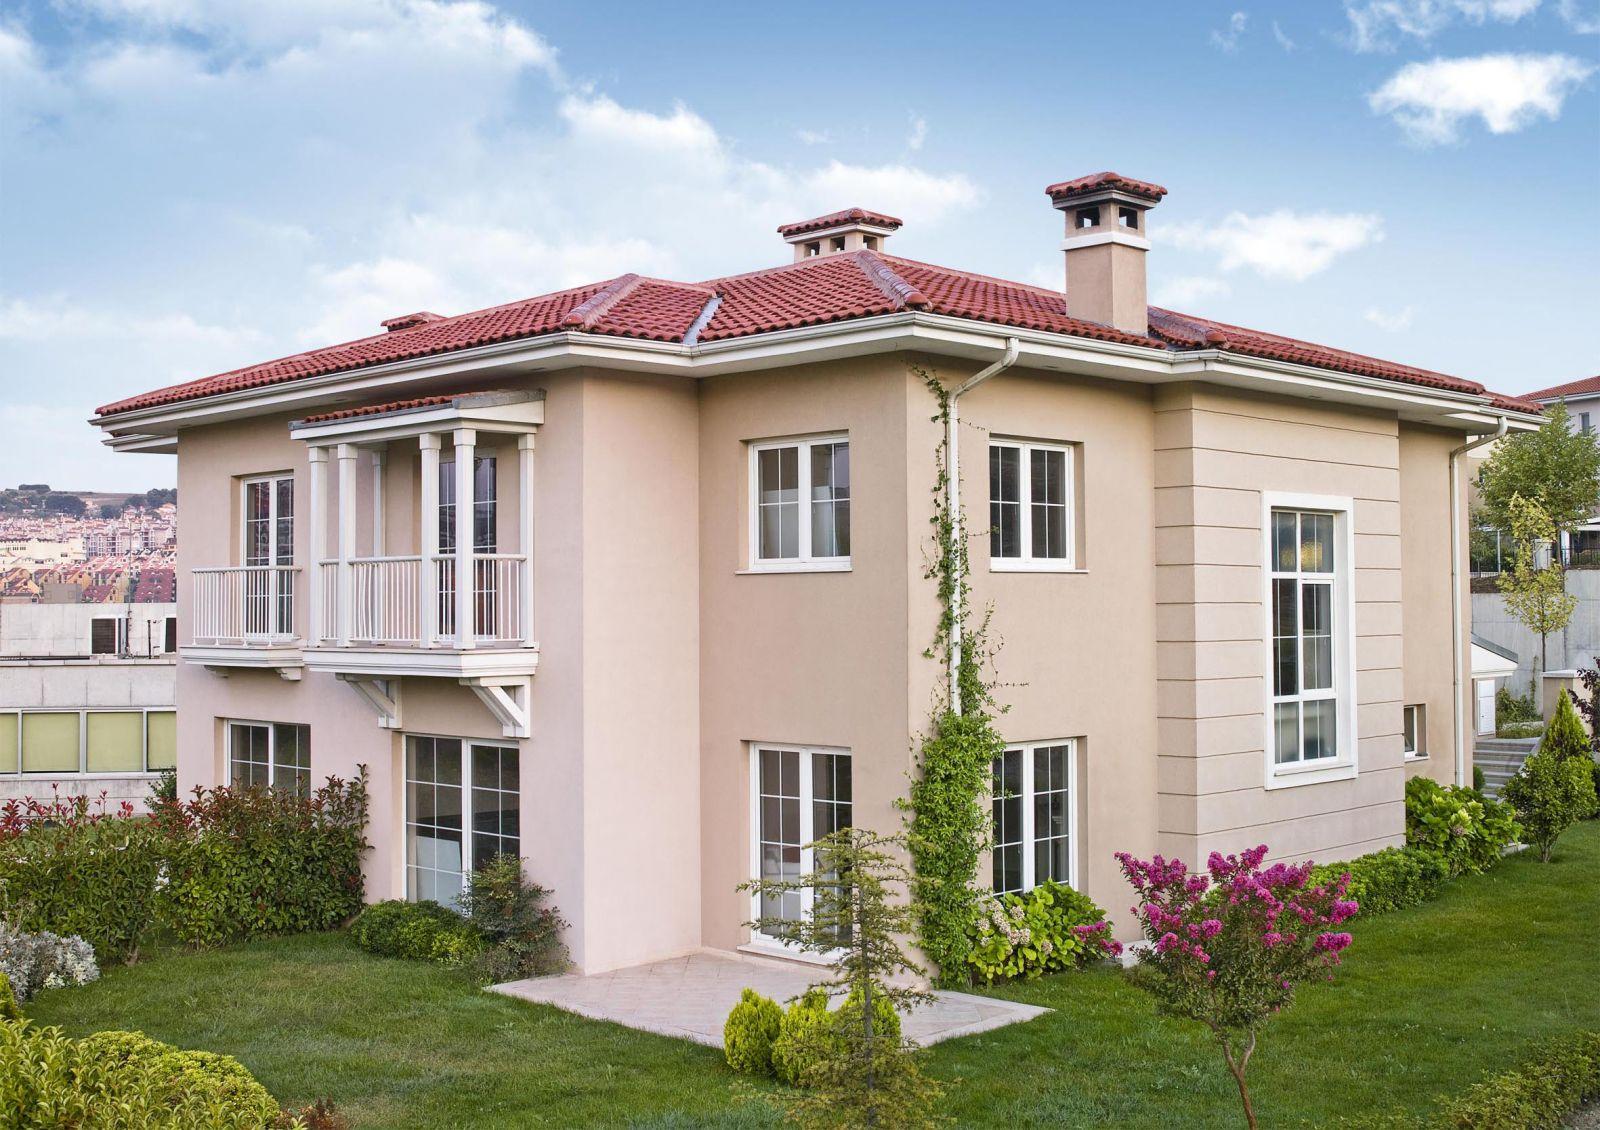 Dubai home design exterior. title=